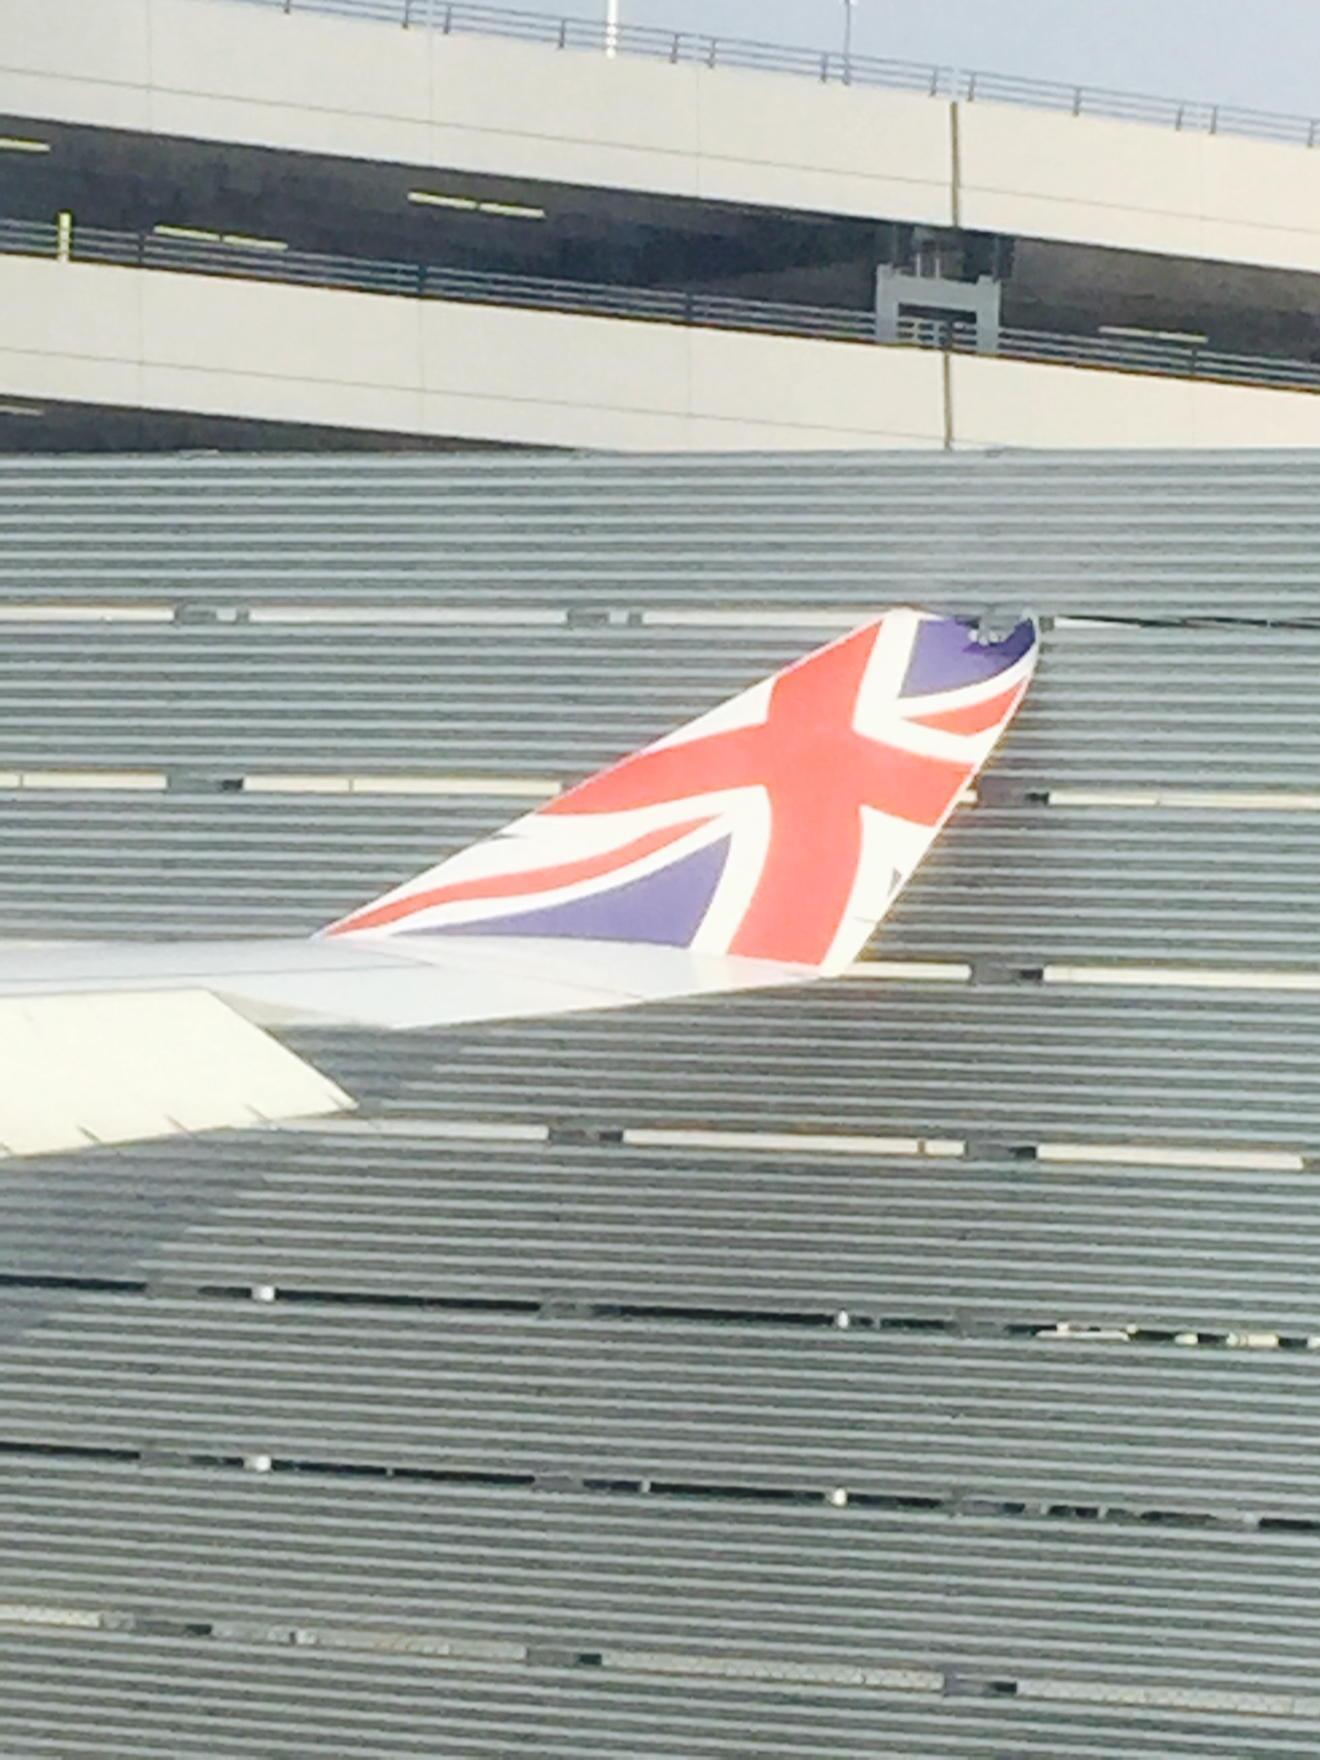 Авиакомпания Virgin Atlantic задела забор.